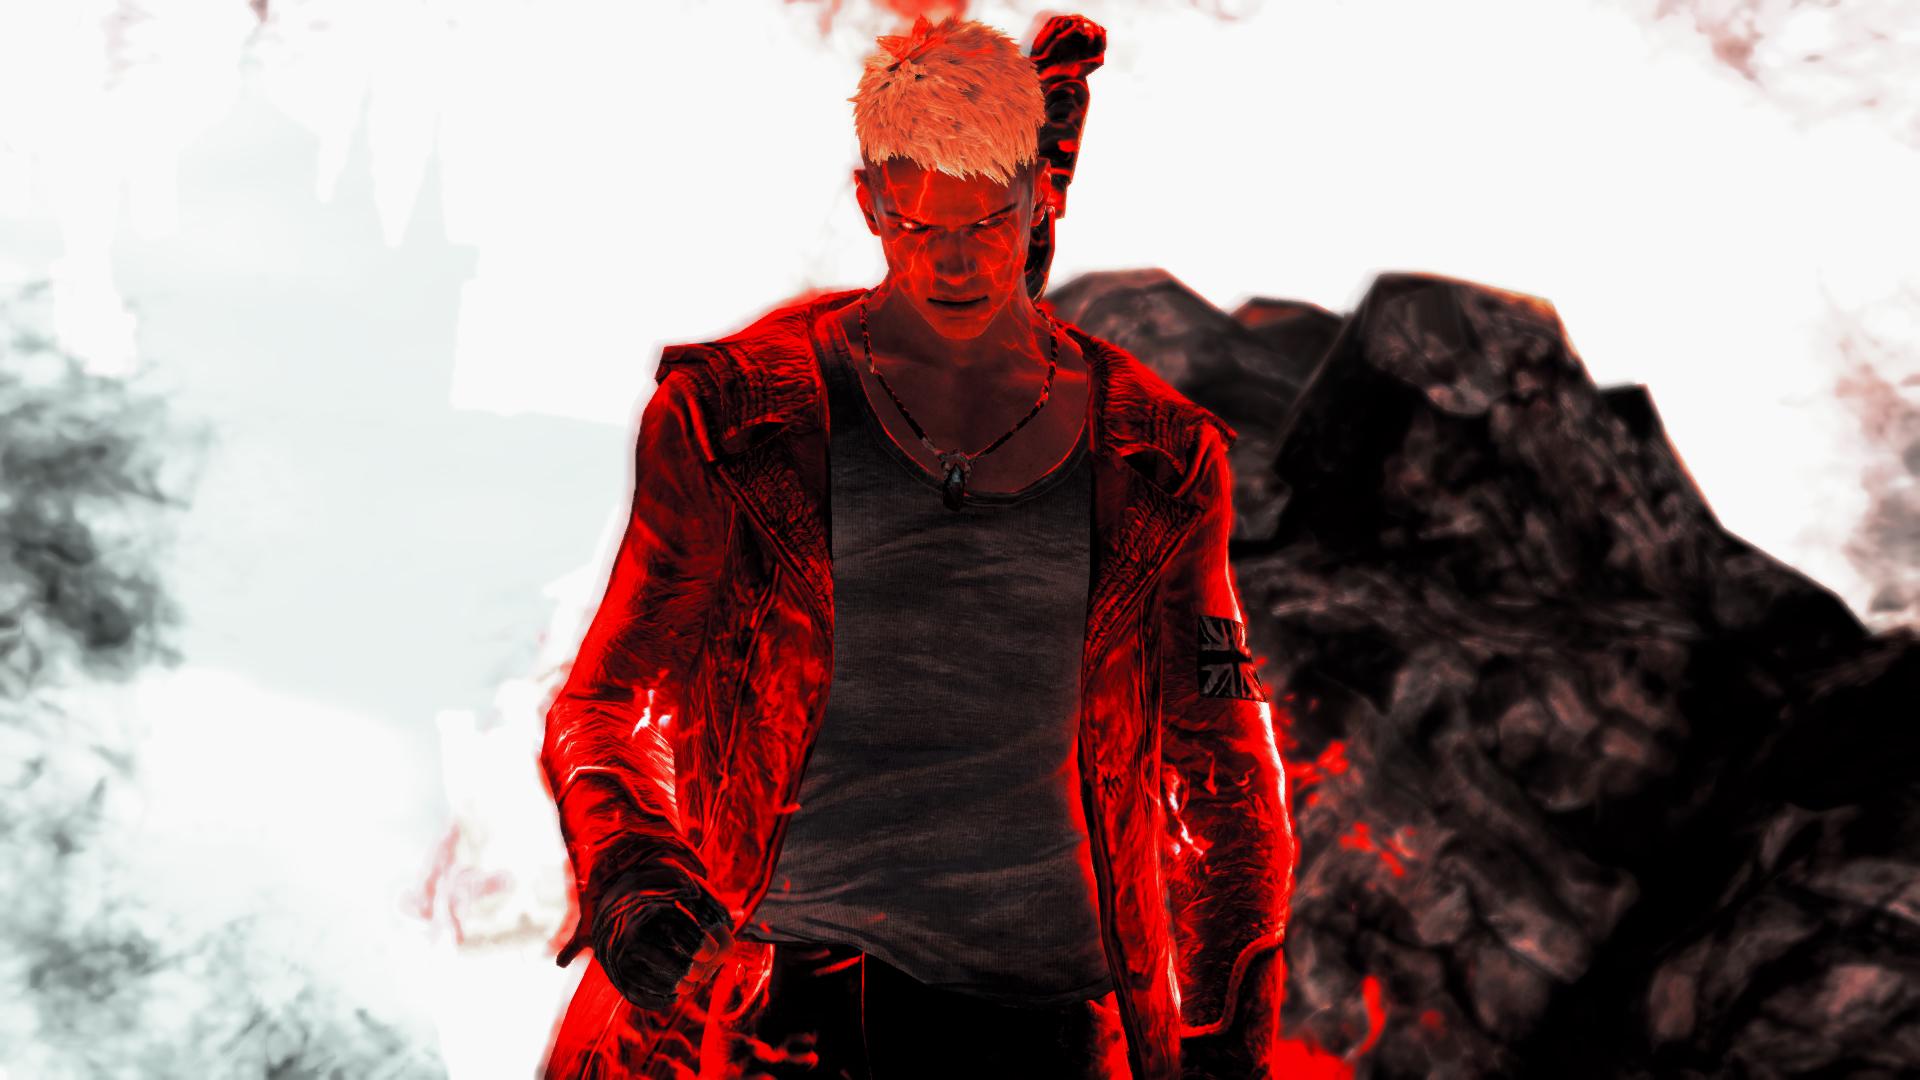 Image dante devil trigger dmc jpg devil may cry wiki fandom - Image Dante Devil Trigger Dmc Jpg Devil May Cry Wiki Fandom Powered By Wikia